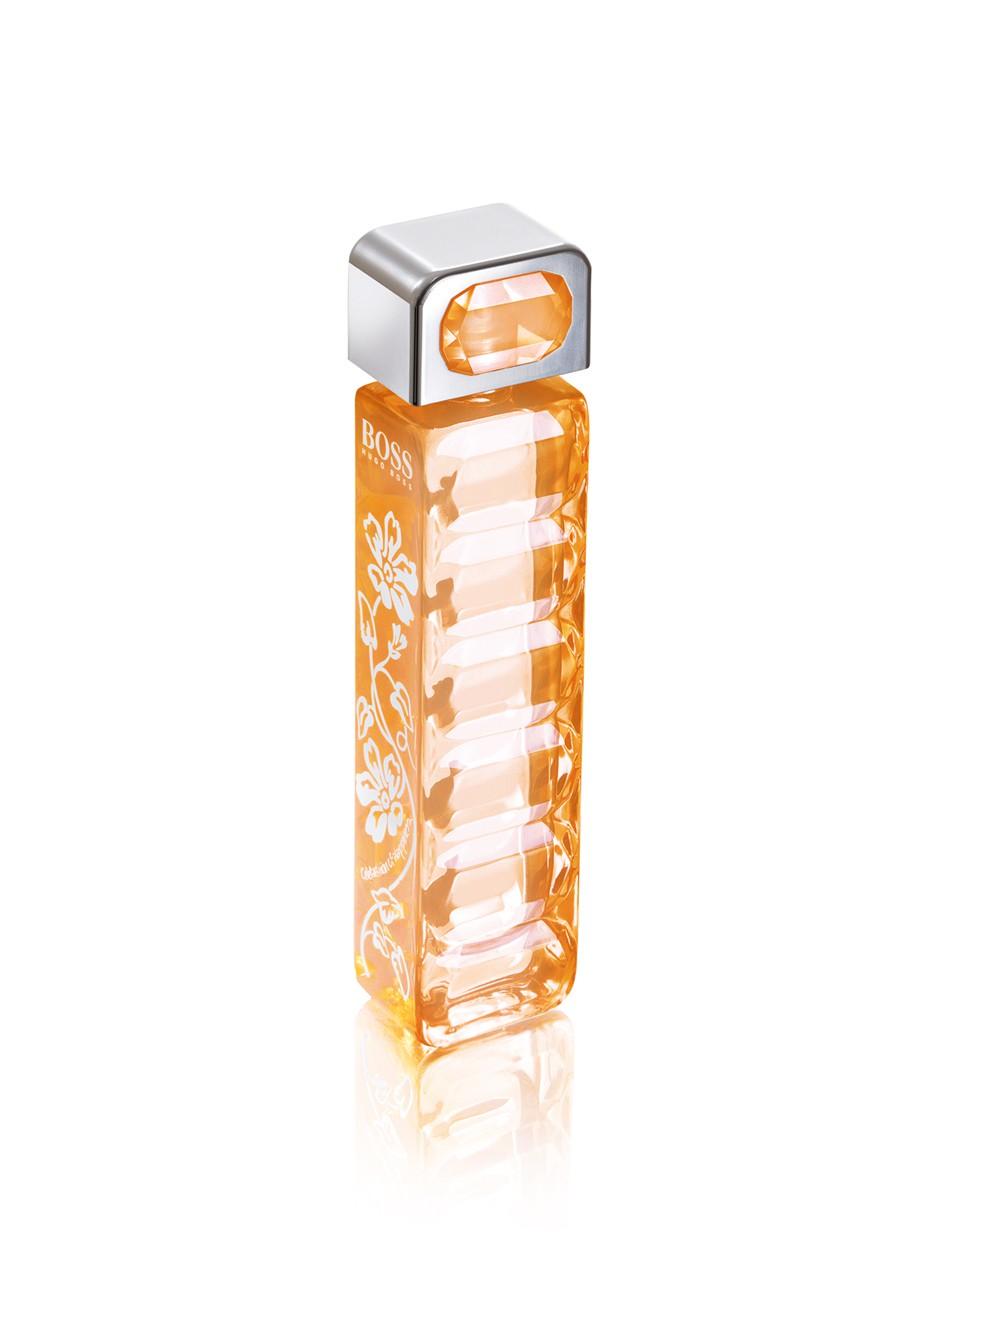 Hugo Boss Boss Orange Happiness аромат для женщин